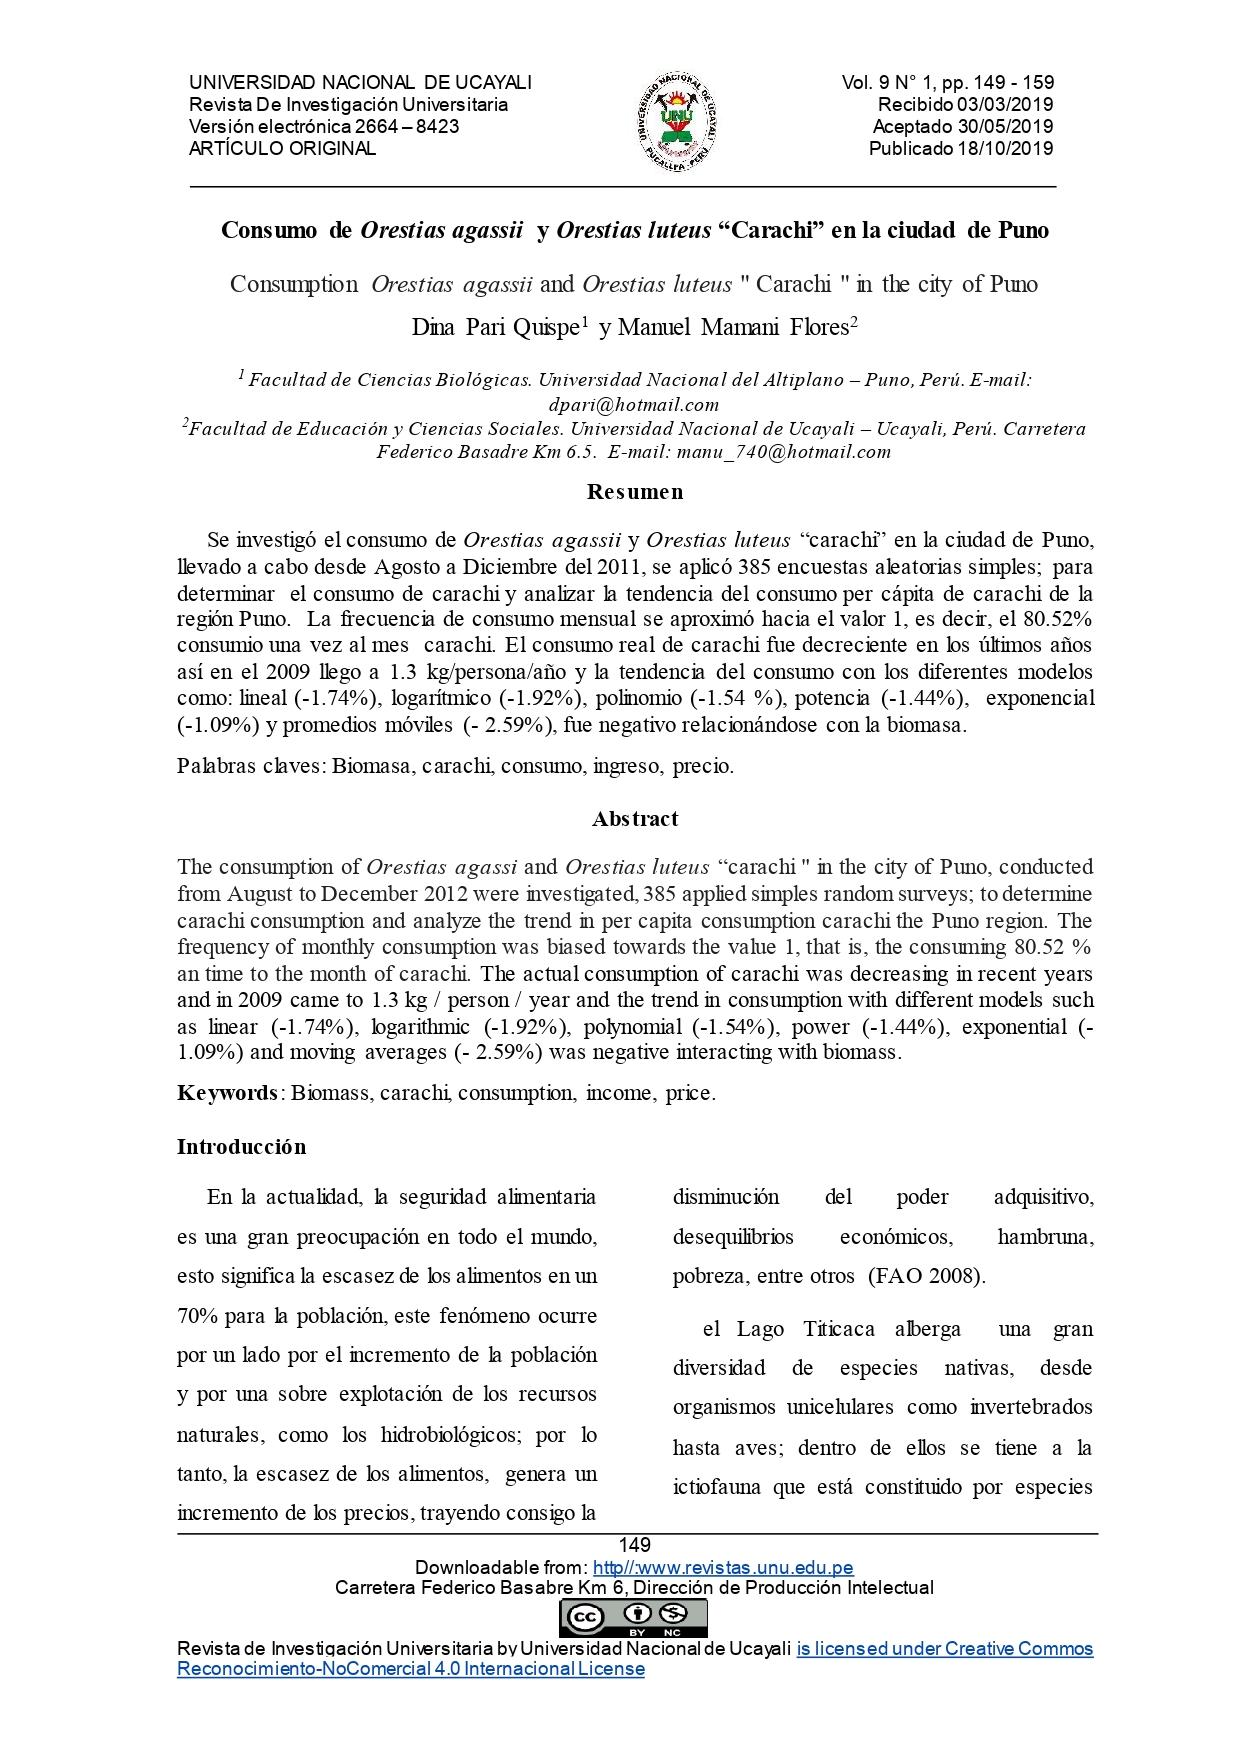 """Consumo de Orestias agassii y Orestias luteus """"Carachi"""" en la ciudad de Puno"""